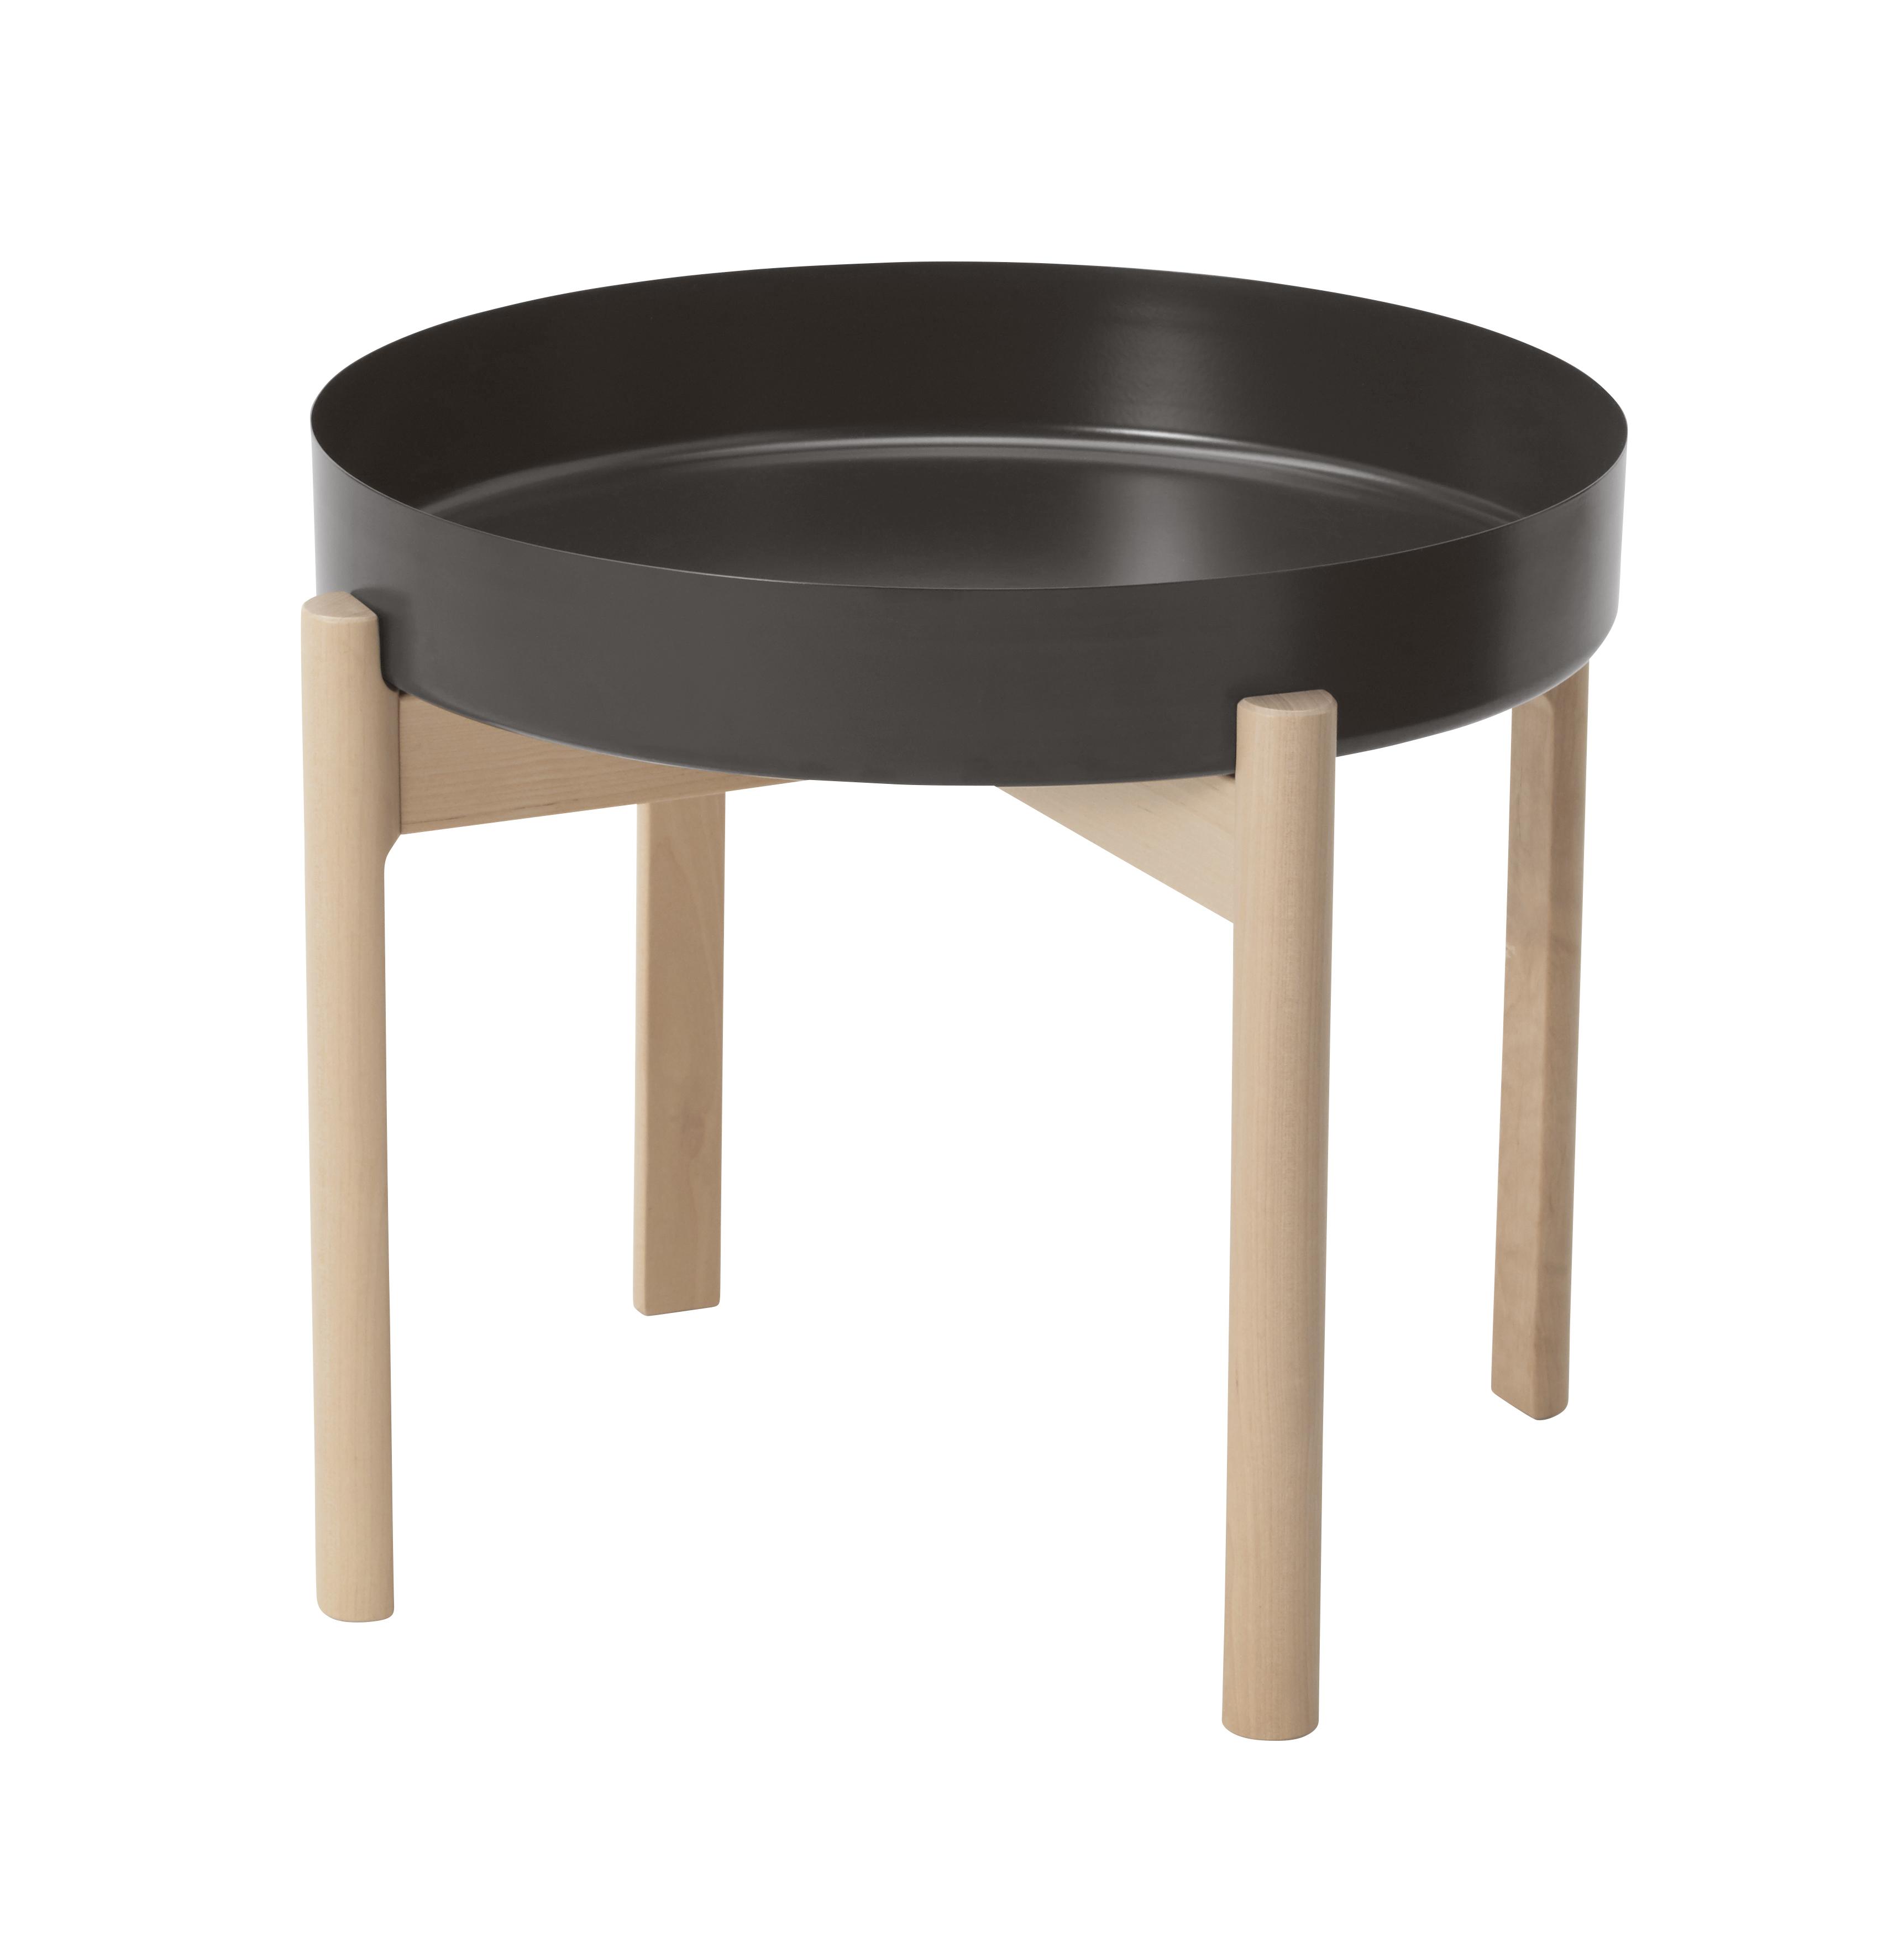 IKEA x Hay 3